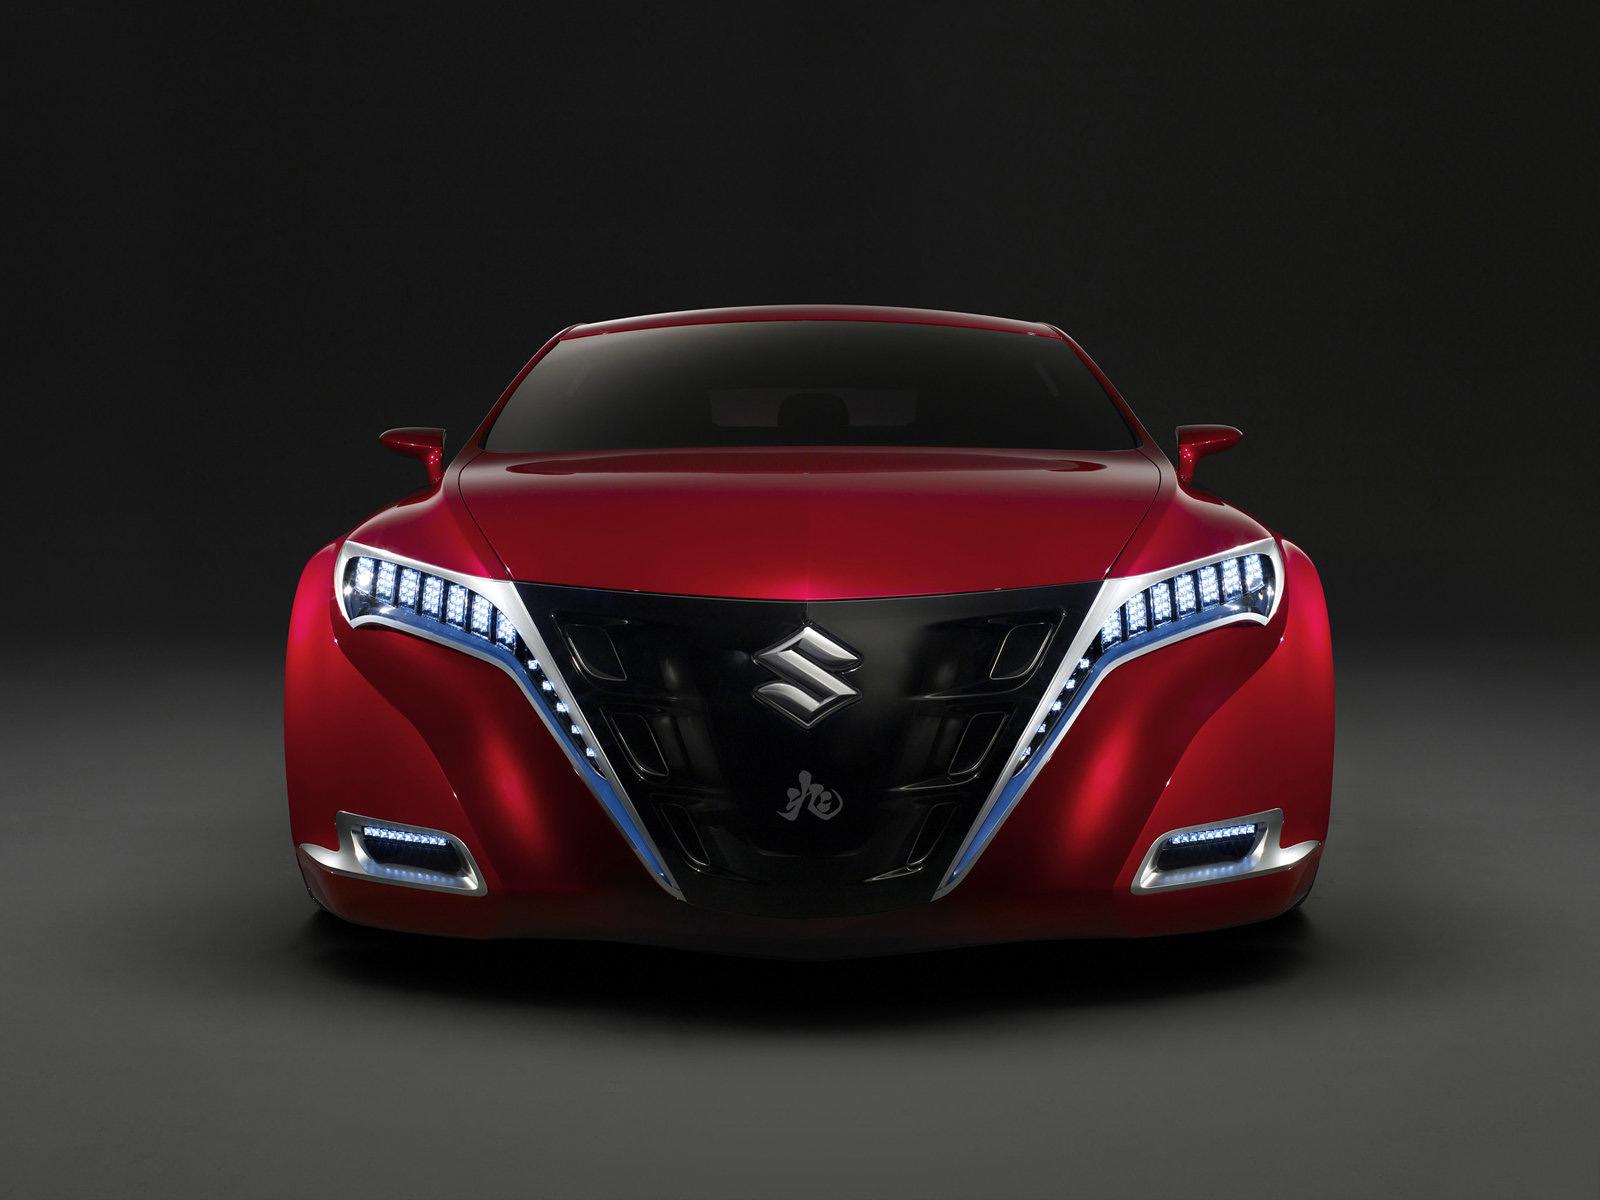 Sfondi del desktop Suzuki - Cars macchine Auto macchina automobile autovettura